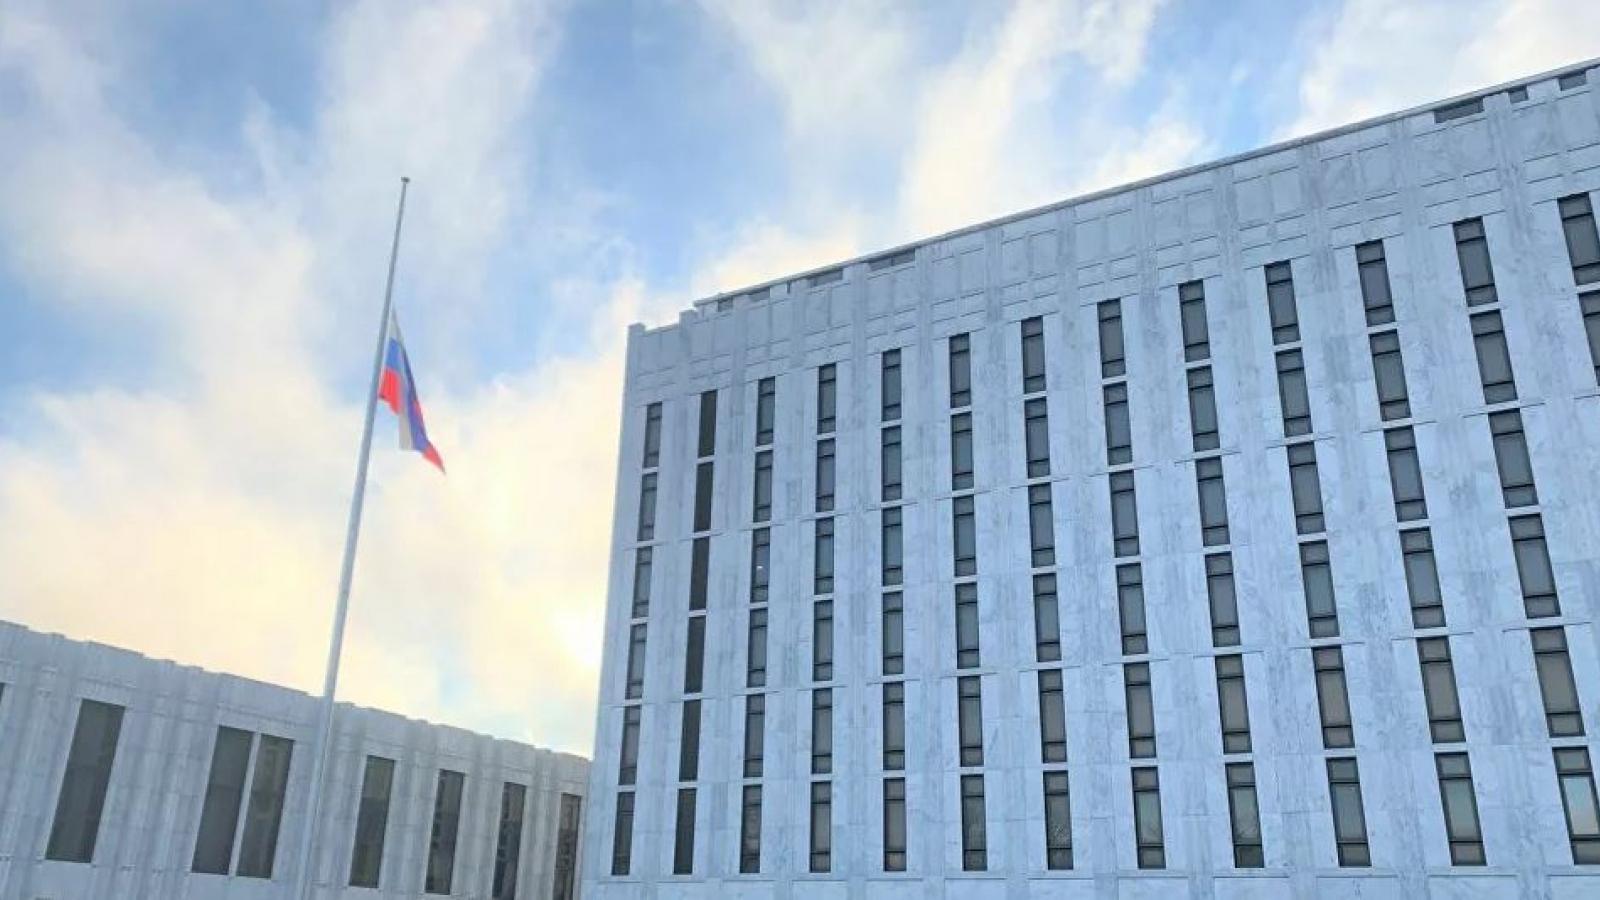 Mỹ sắp áp lệnh trừng phạt mới, trục xuất 10 nhà ngoại giao Nga